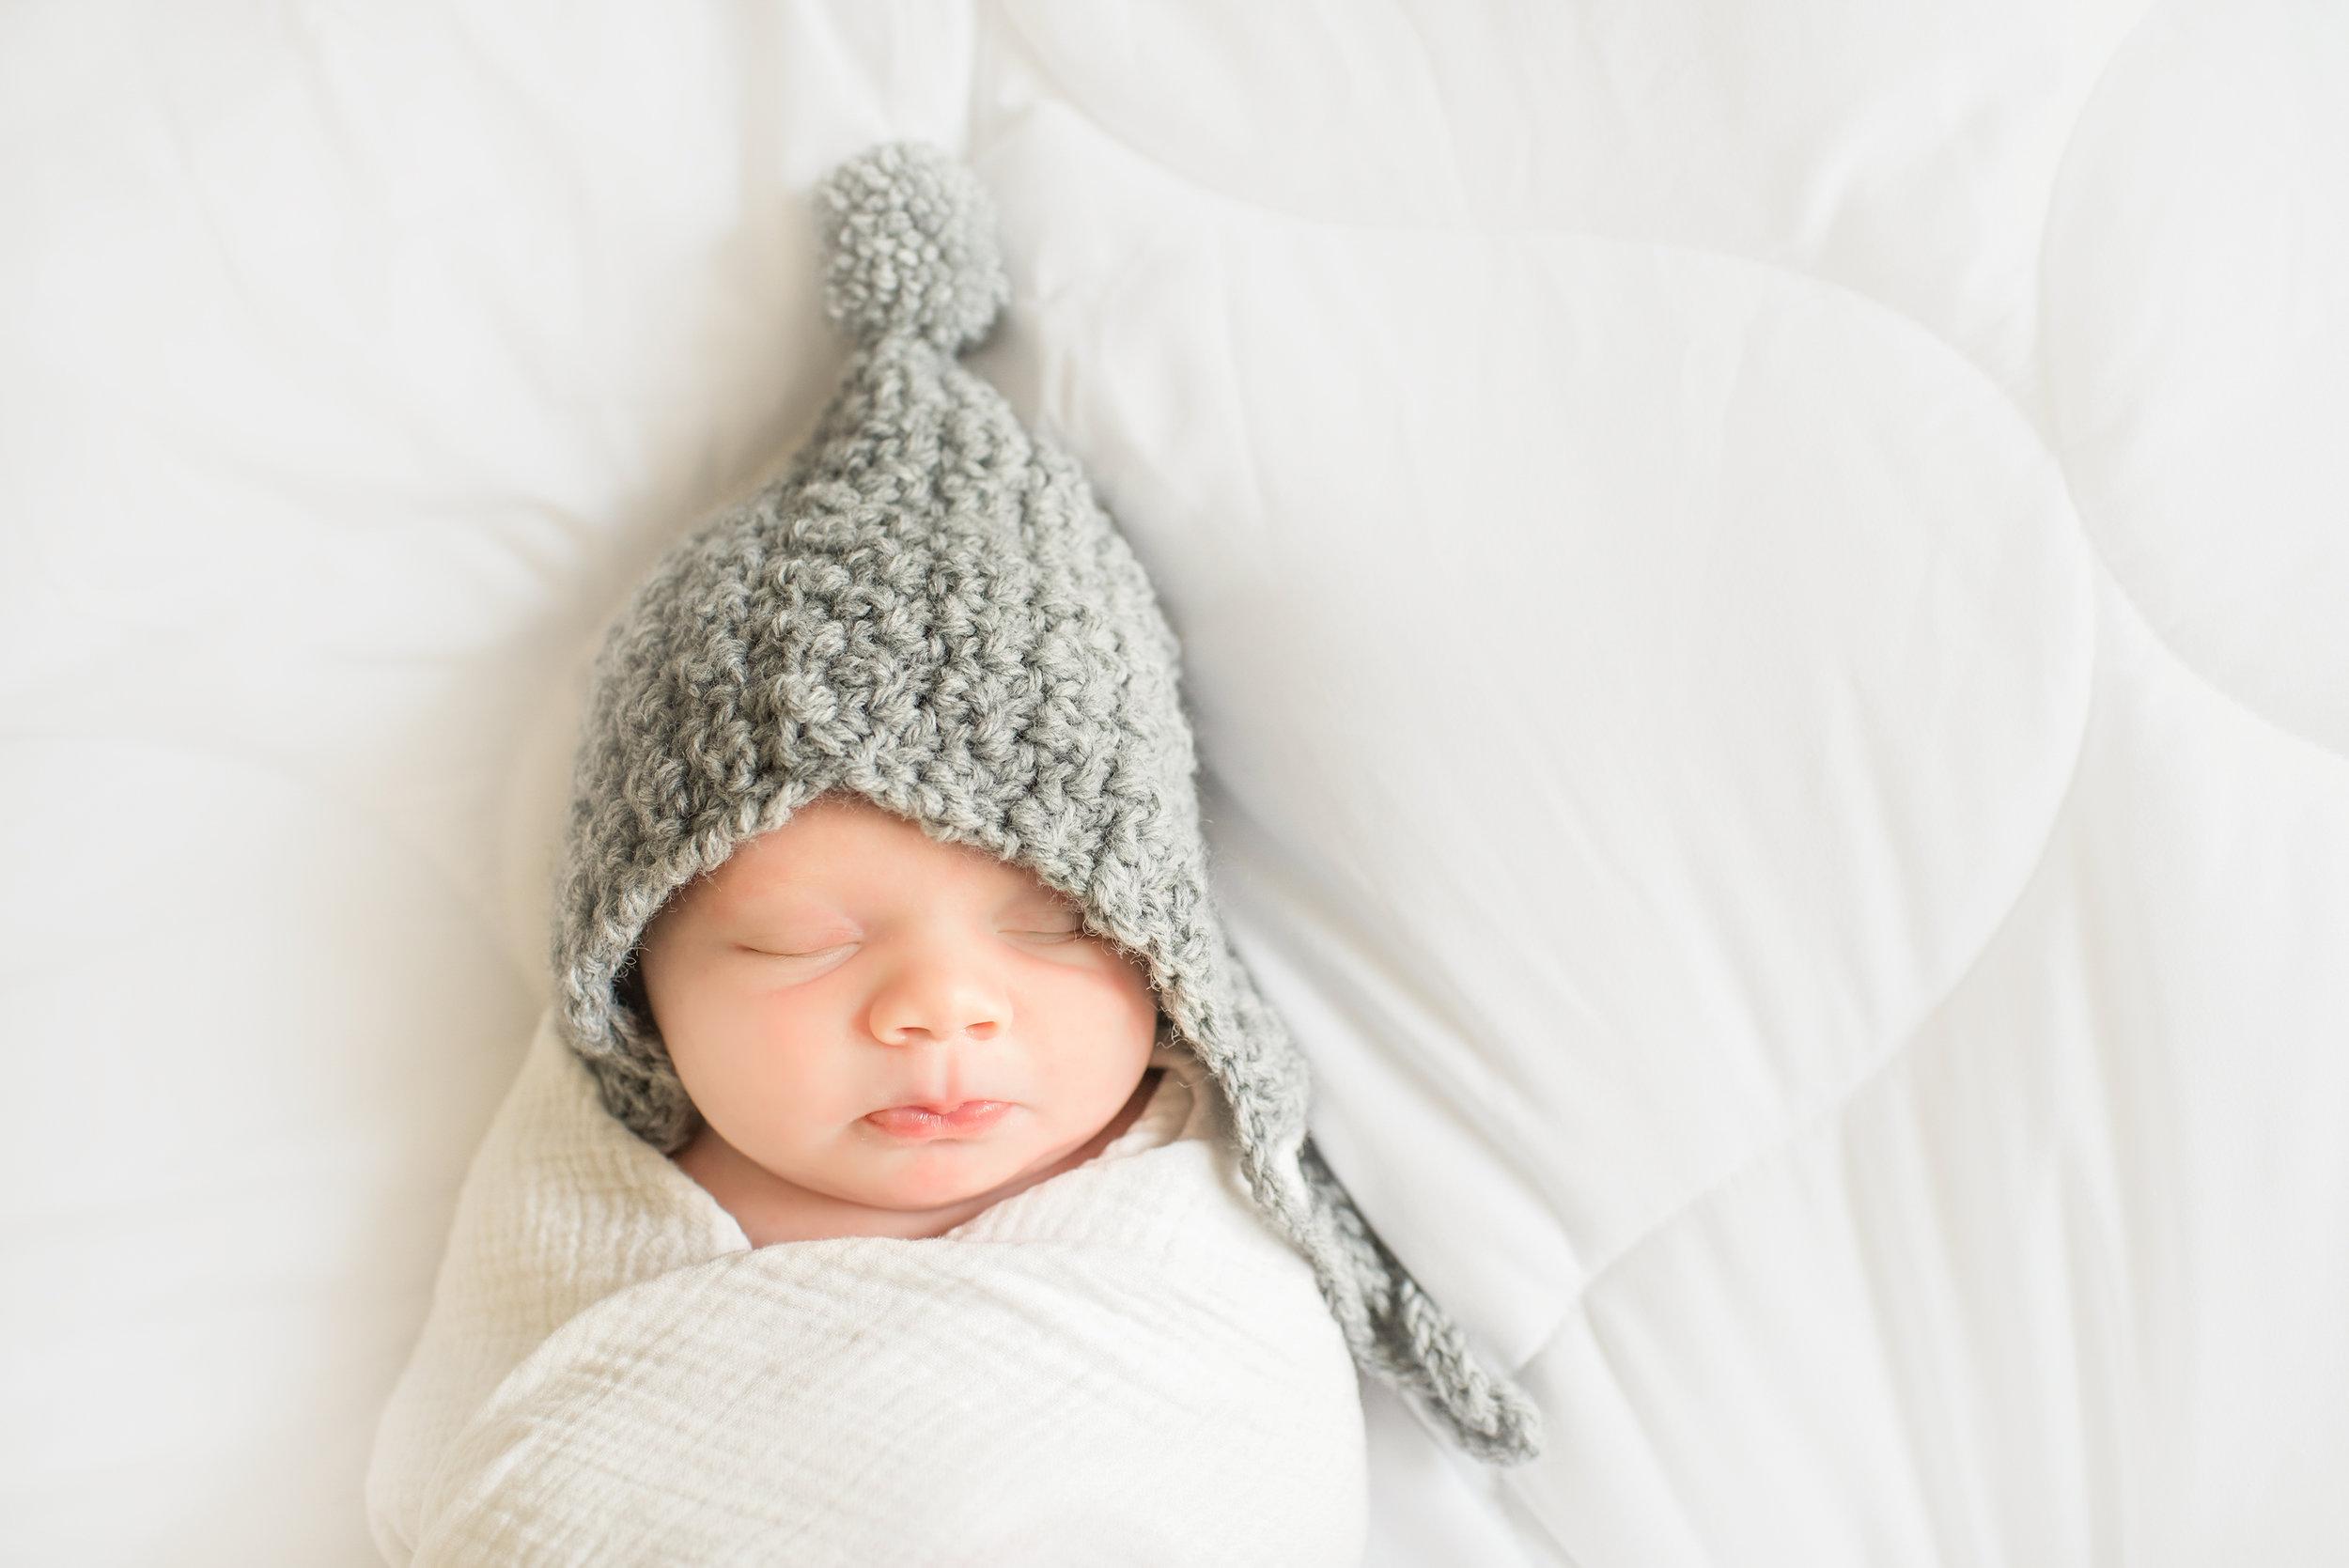 May-750_9158-Newborn-Ashmore.jpg